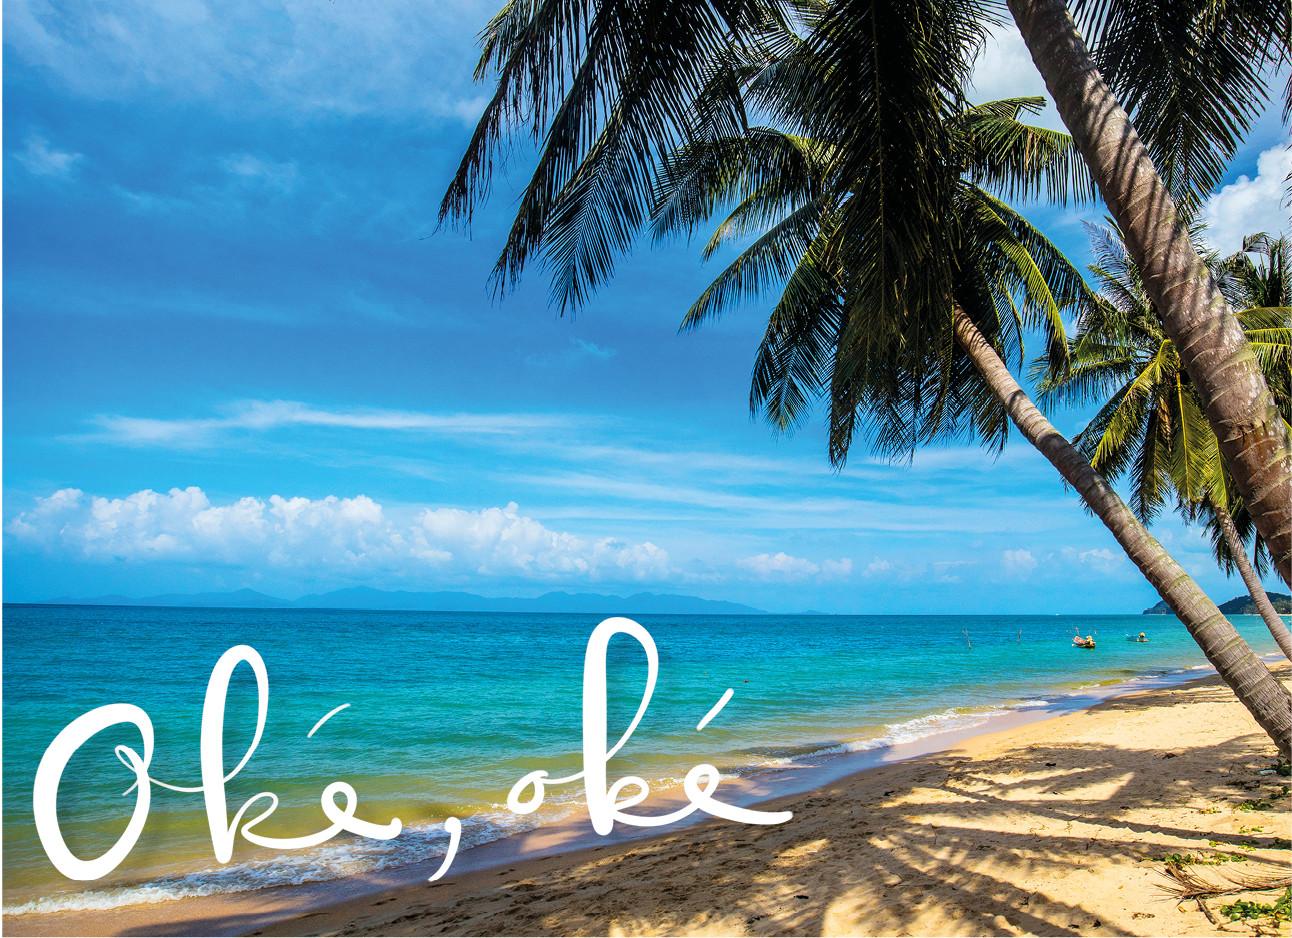 beeld van een strand met palmbomen